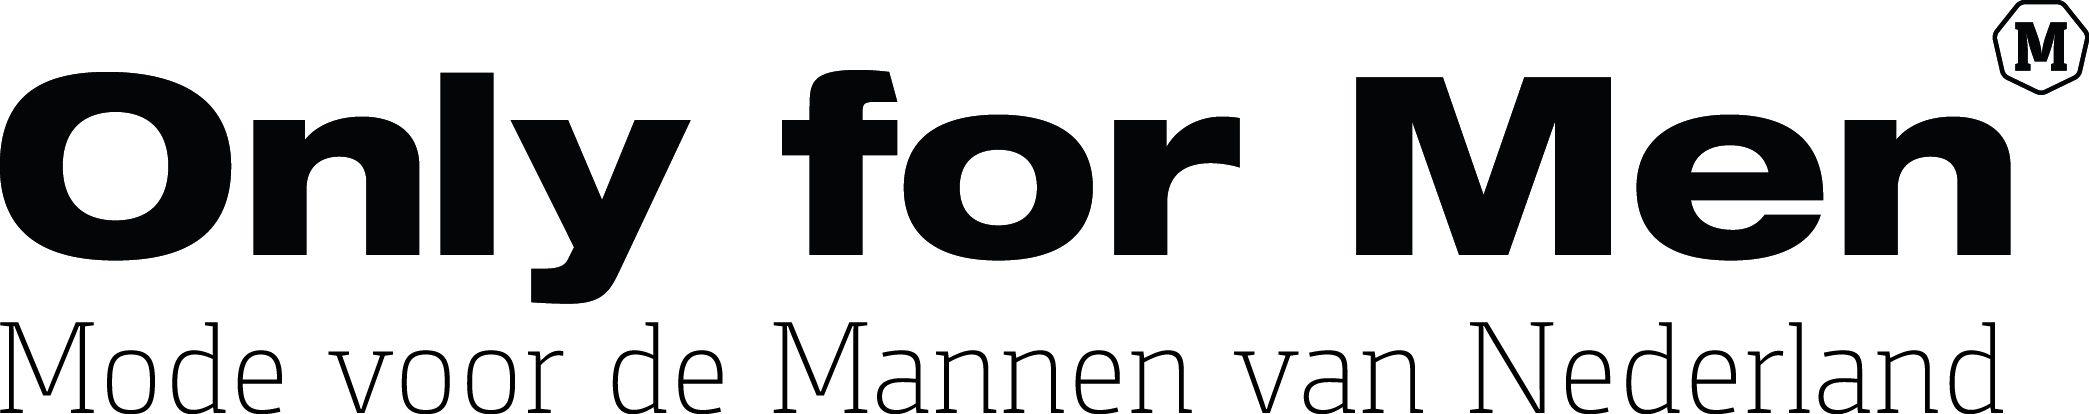 2016_OFM_Logo_NewSlogan_zwart_1.jpg